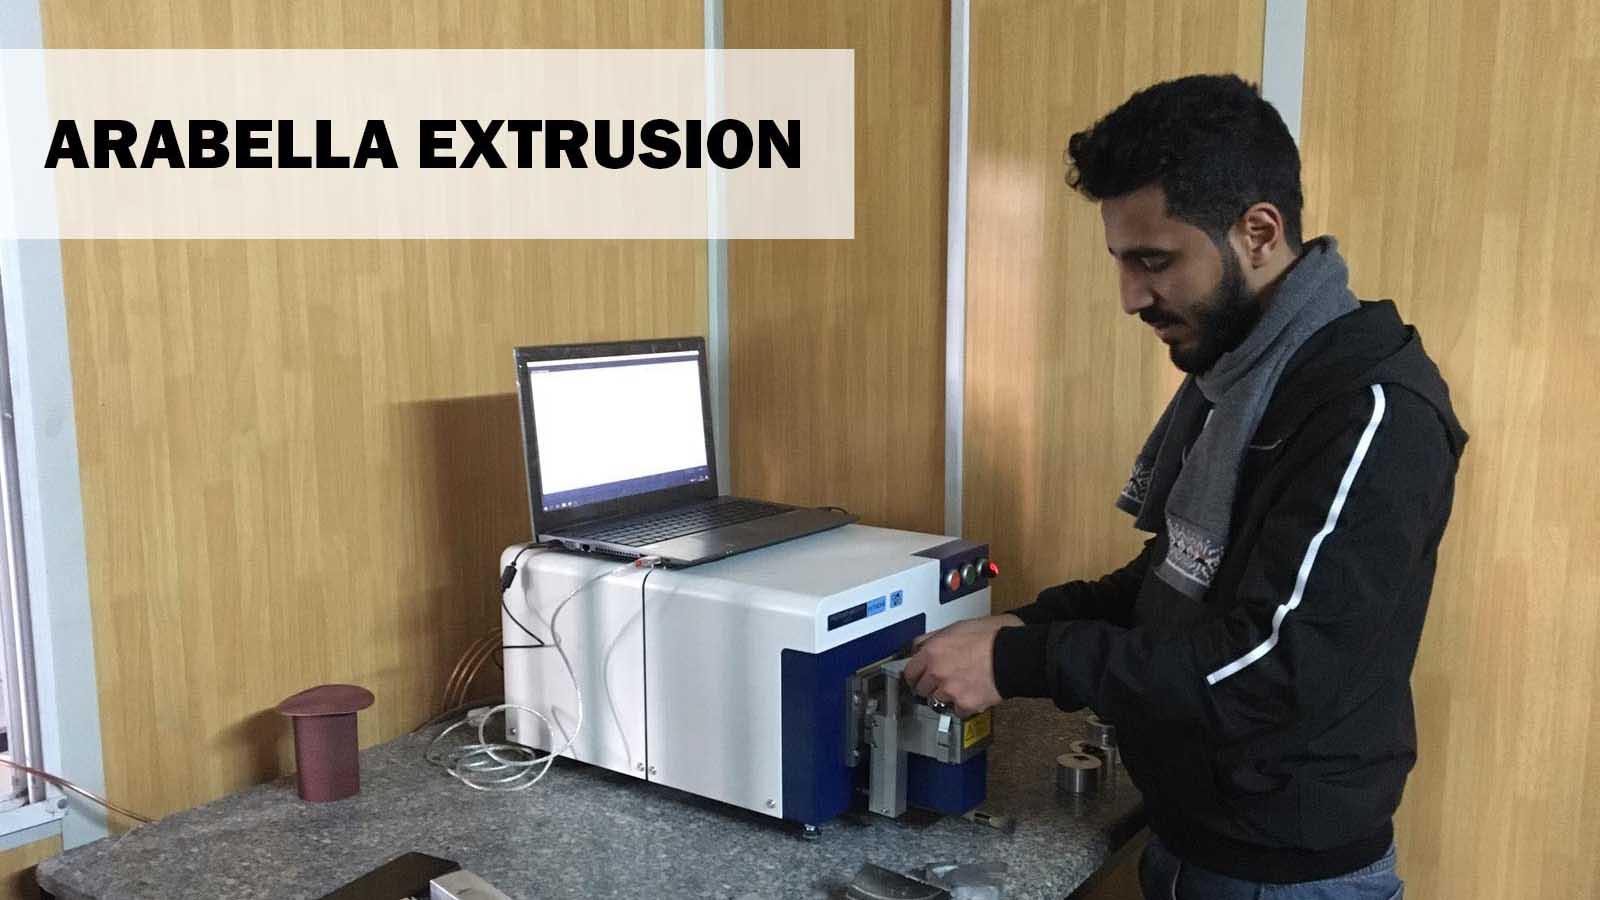 Arabella Extrusion, Alüminyum Analizleri İçin Hitachi Foundry Master Smart Optik Emisyon Spektrometresini Kullanmaya Başladı!